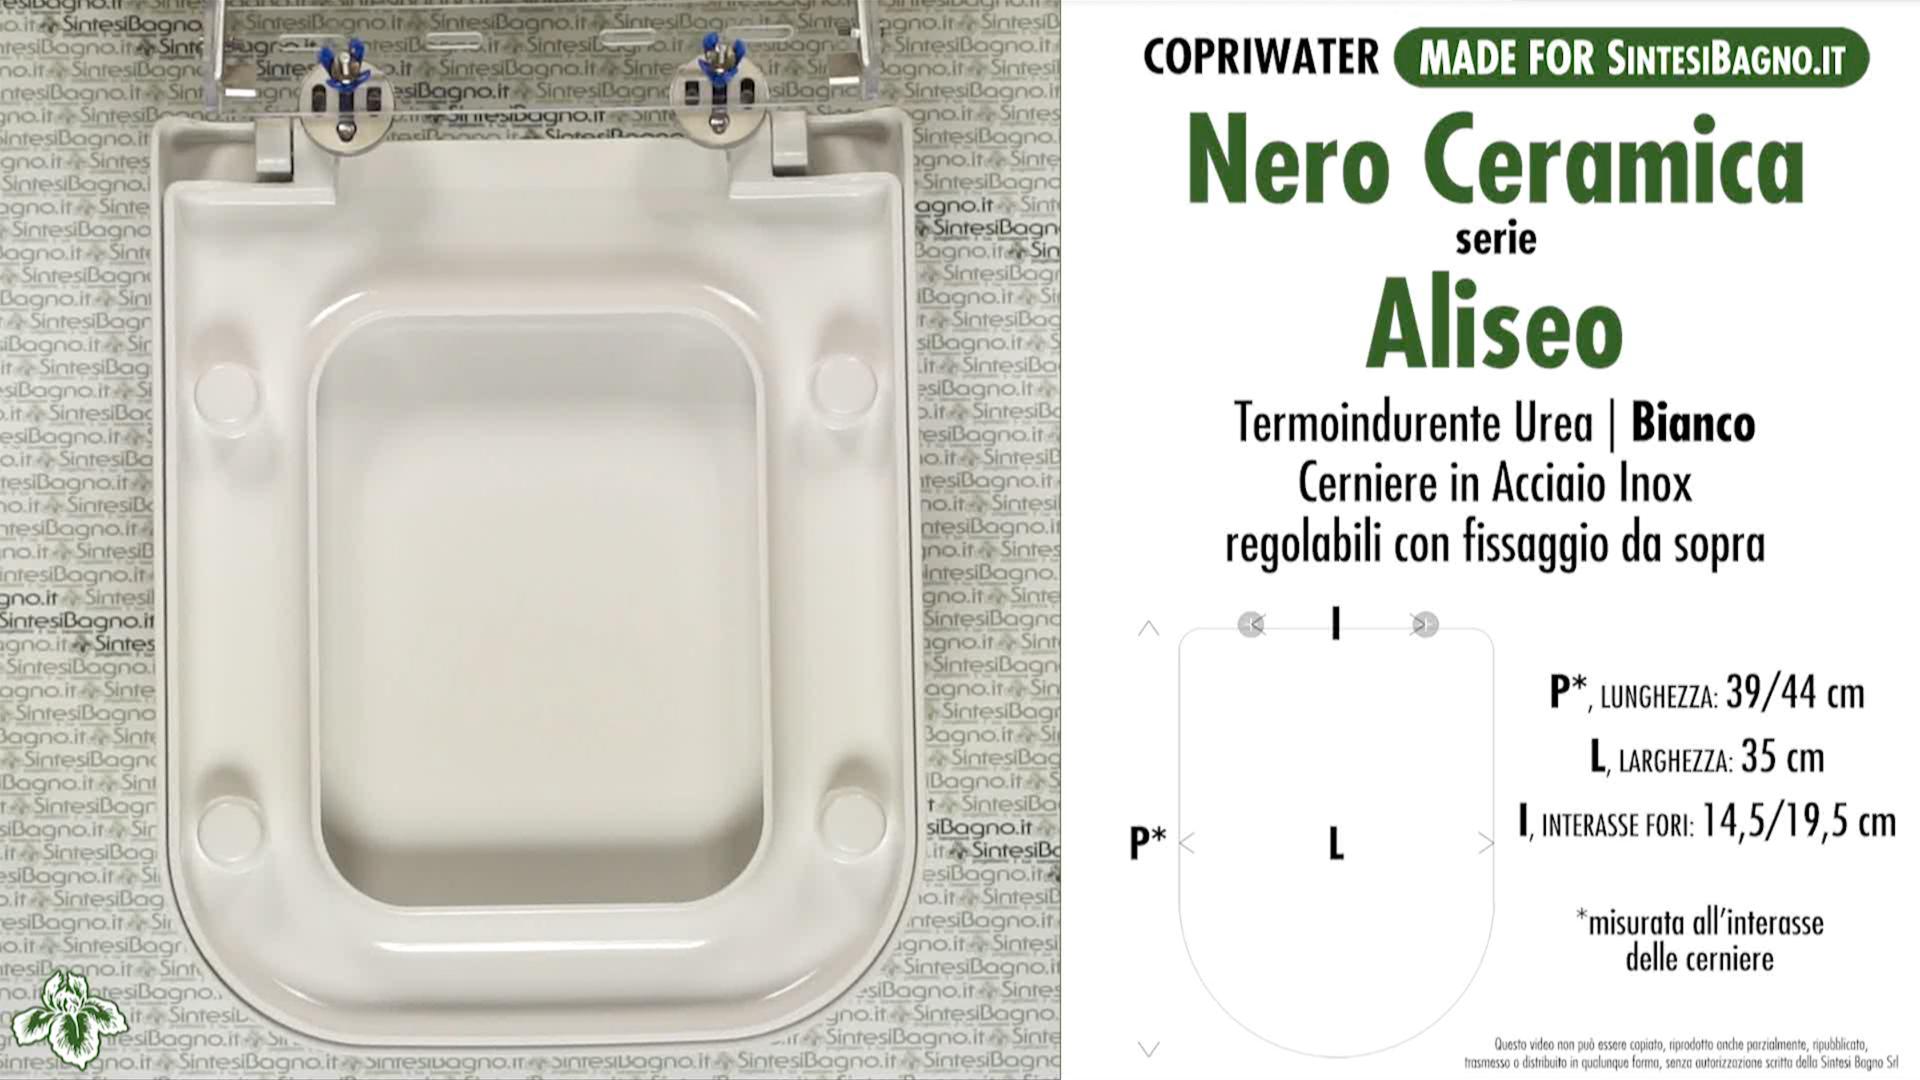 SCHEDA TECNICA MISURE copriwater NERO CERAMICA ALISEO